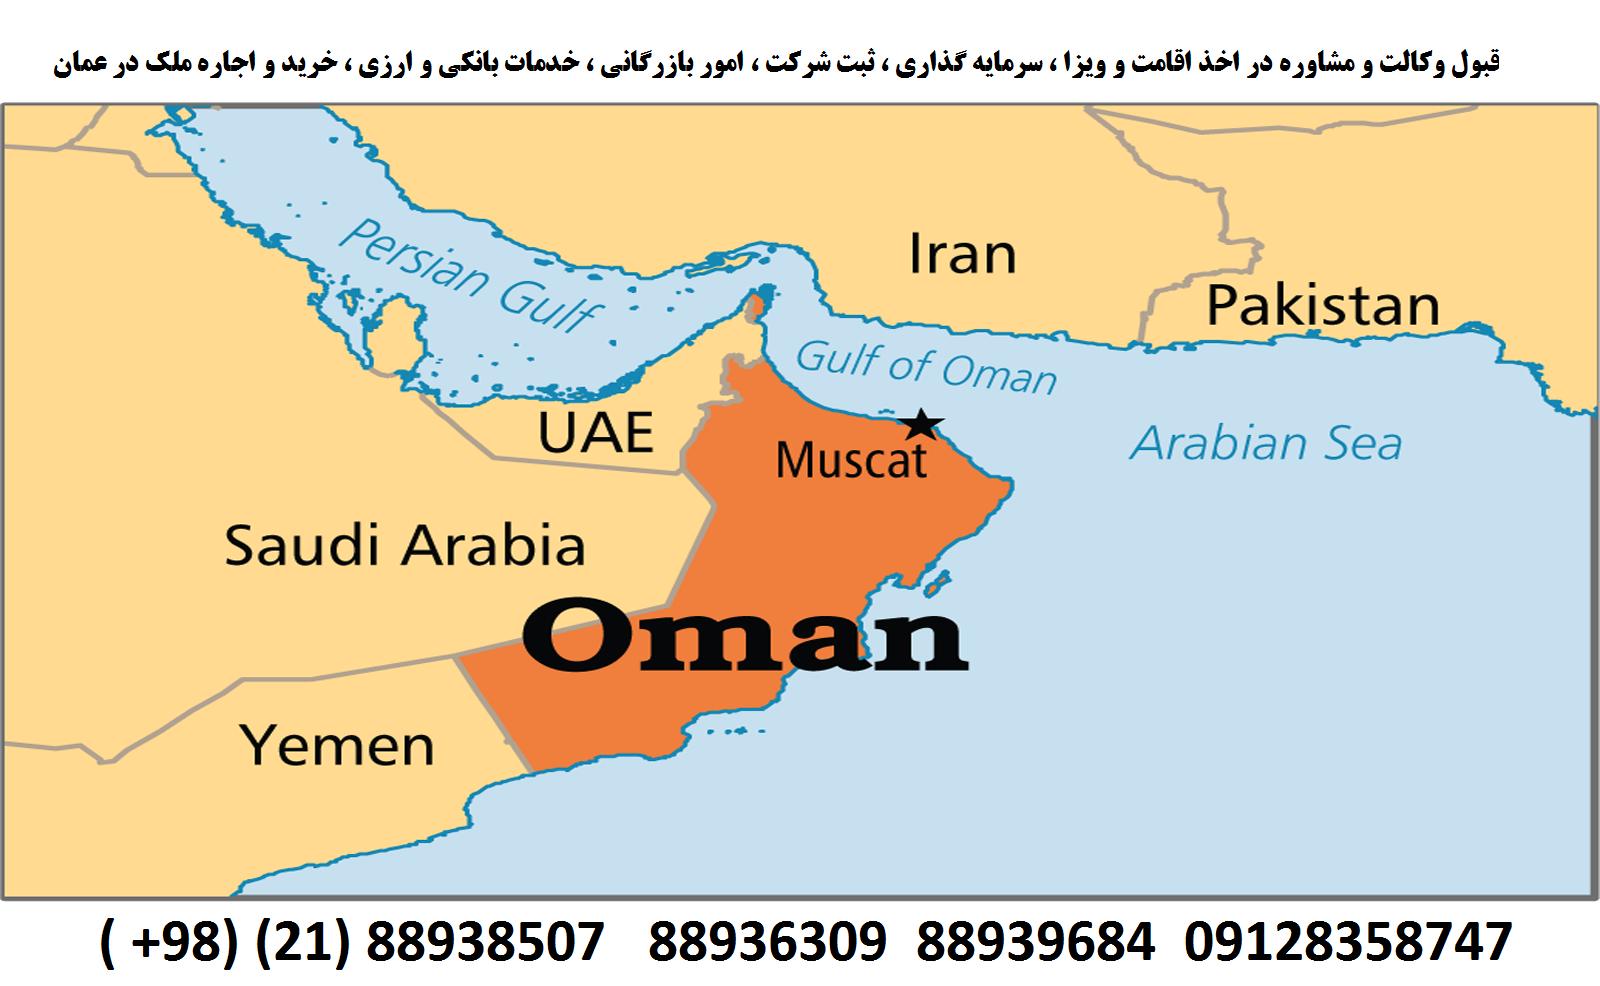 اقامت ، ثبت شرکت ، سرمایه گذاری ، ویزای کشور عمان (1)